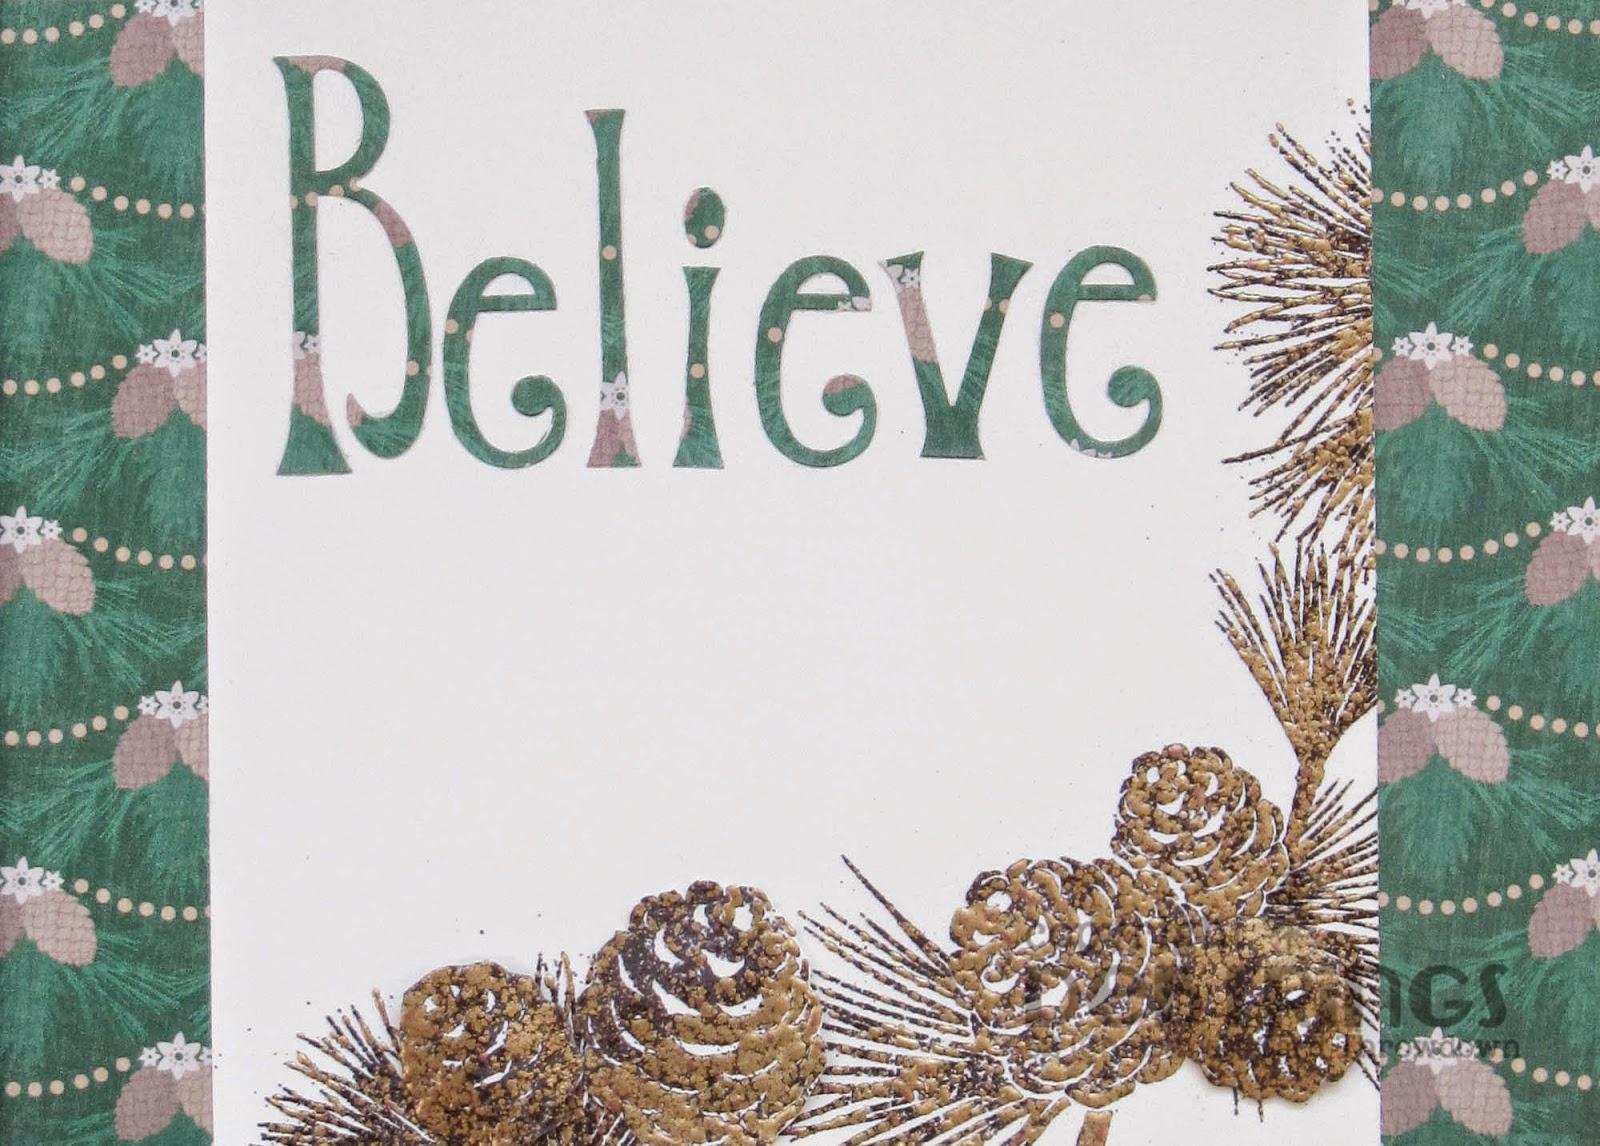 Believe - photo by Deborah Frings - Deborah's Gems